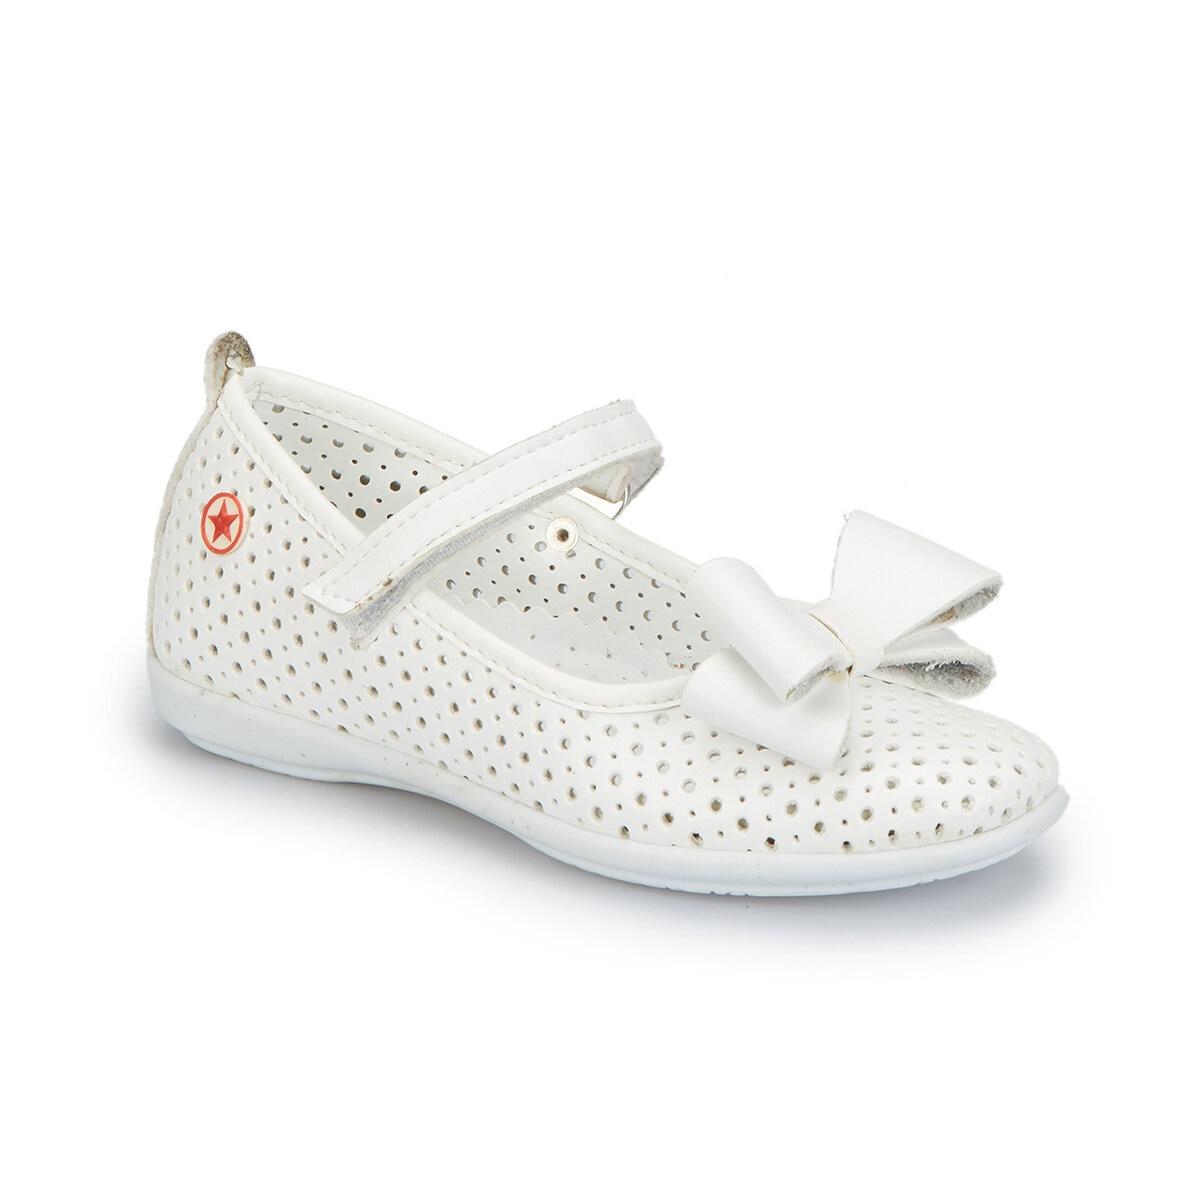 FLO 81. 509158.P White Female Child Ballerina Polaris   - title=